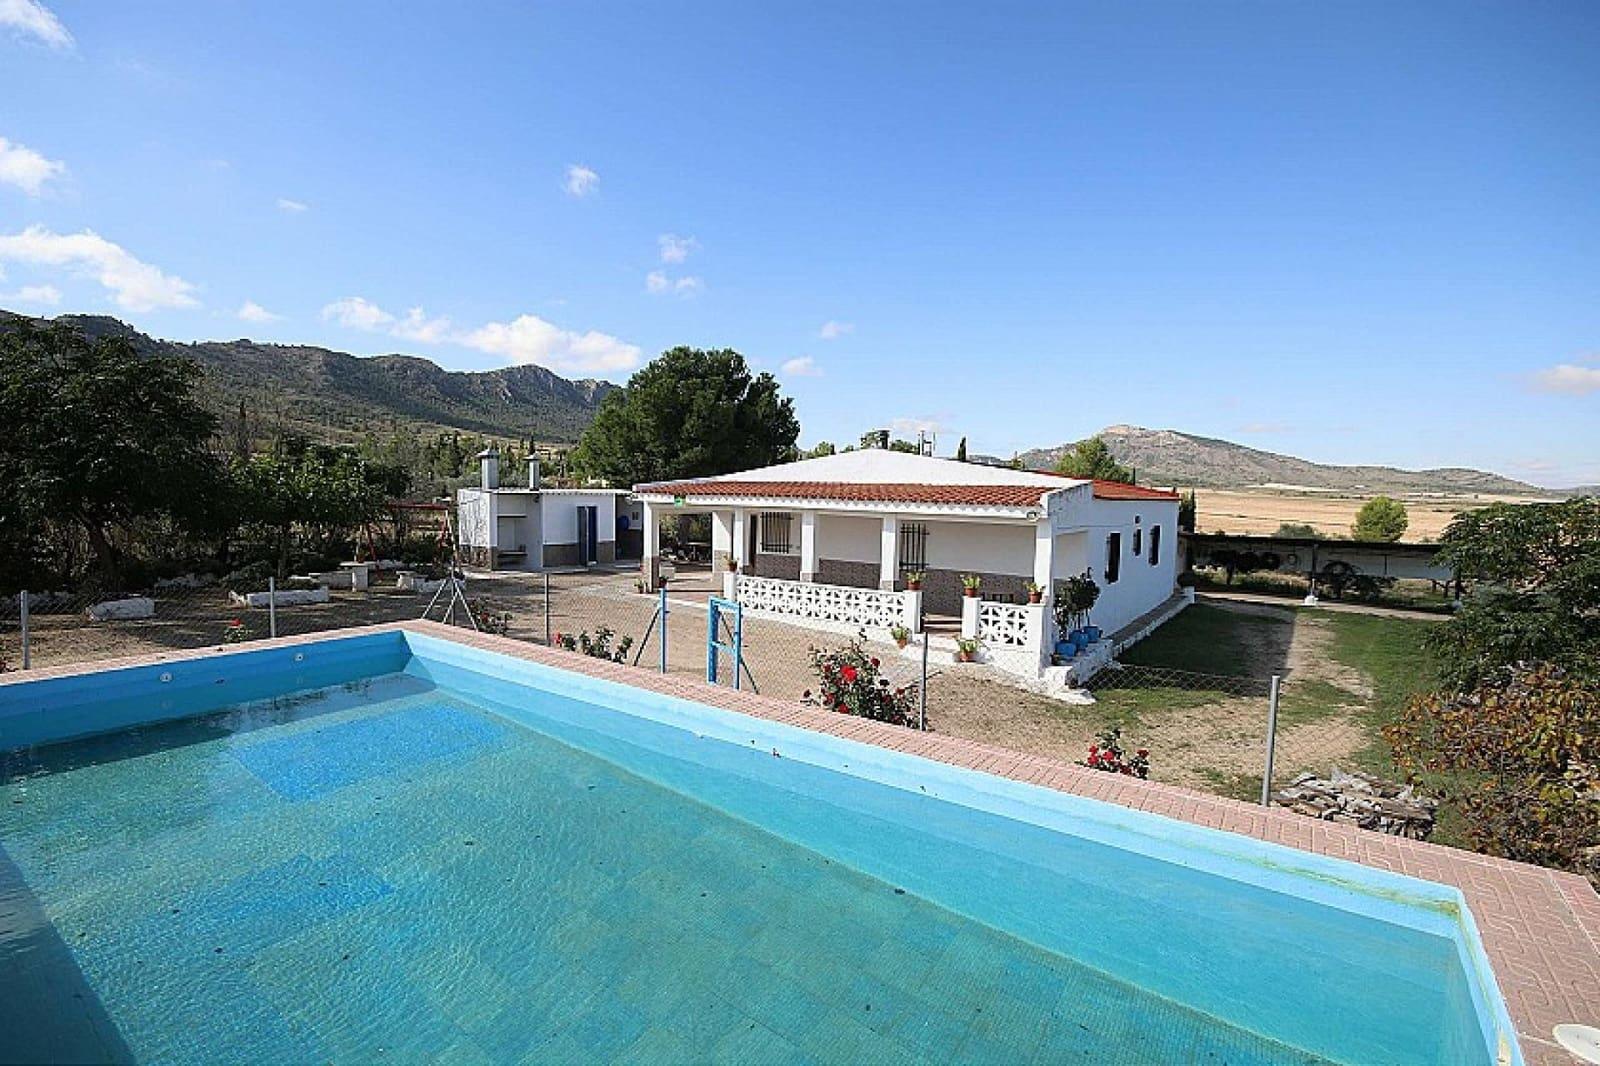 5 bedroom Villa for sale in Yecla with garage - € 119,995 (Ref: 5378446)